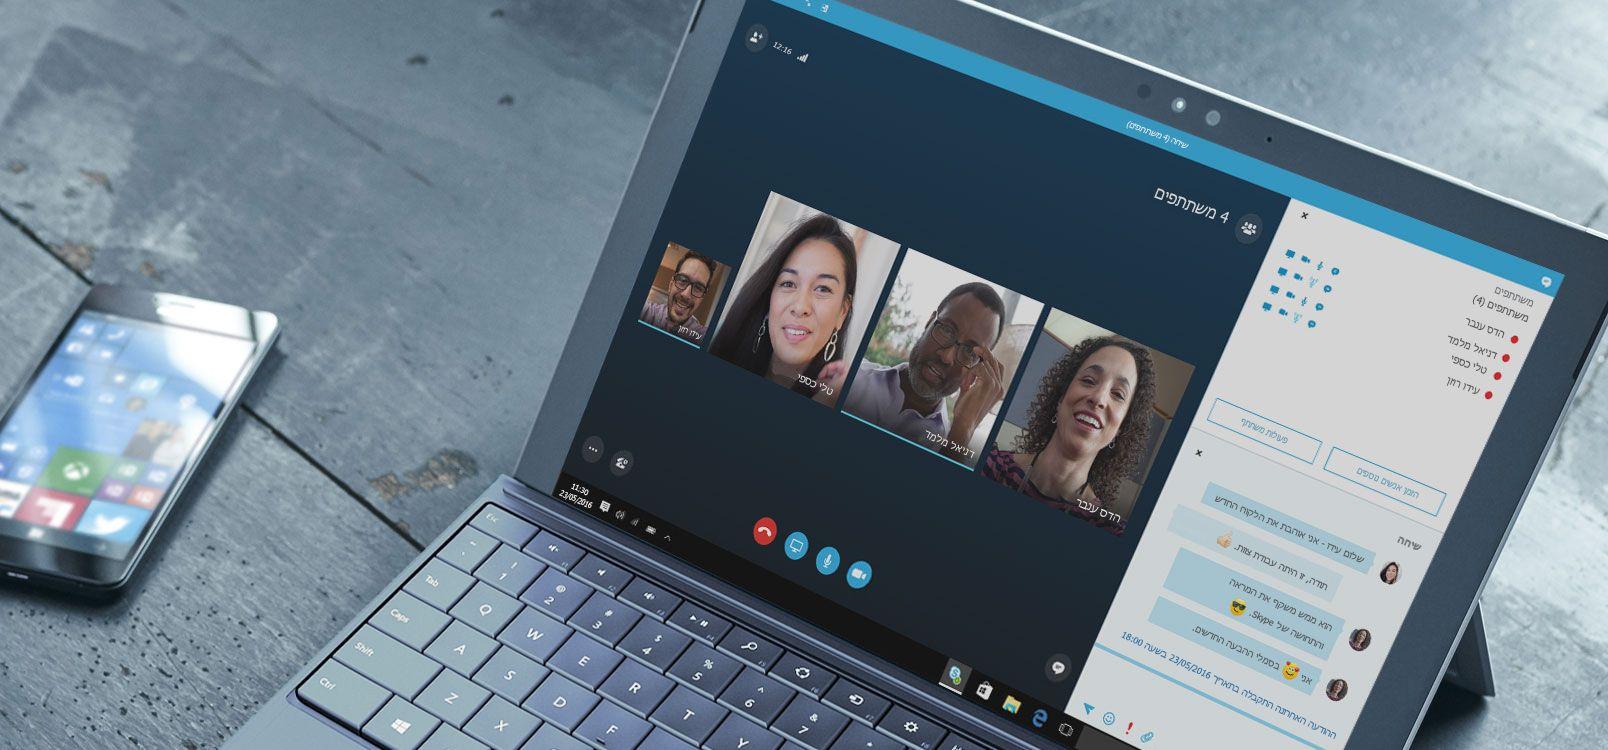 אישה משתמשת ב- Office 365 ב- Tablet ובטלפון חכם כדי לשתף פעולה במסמכים.